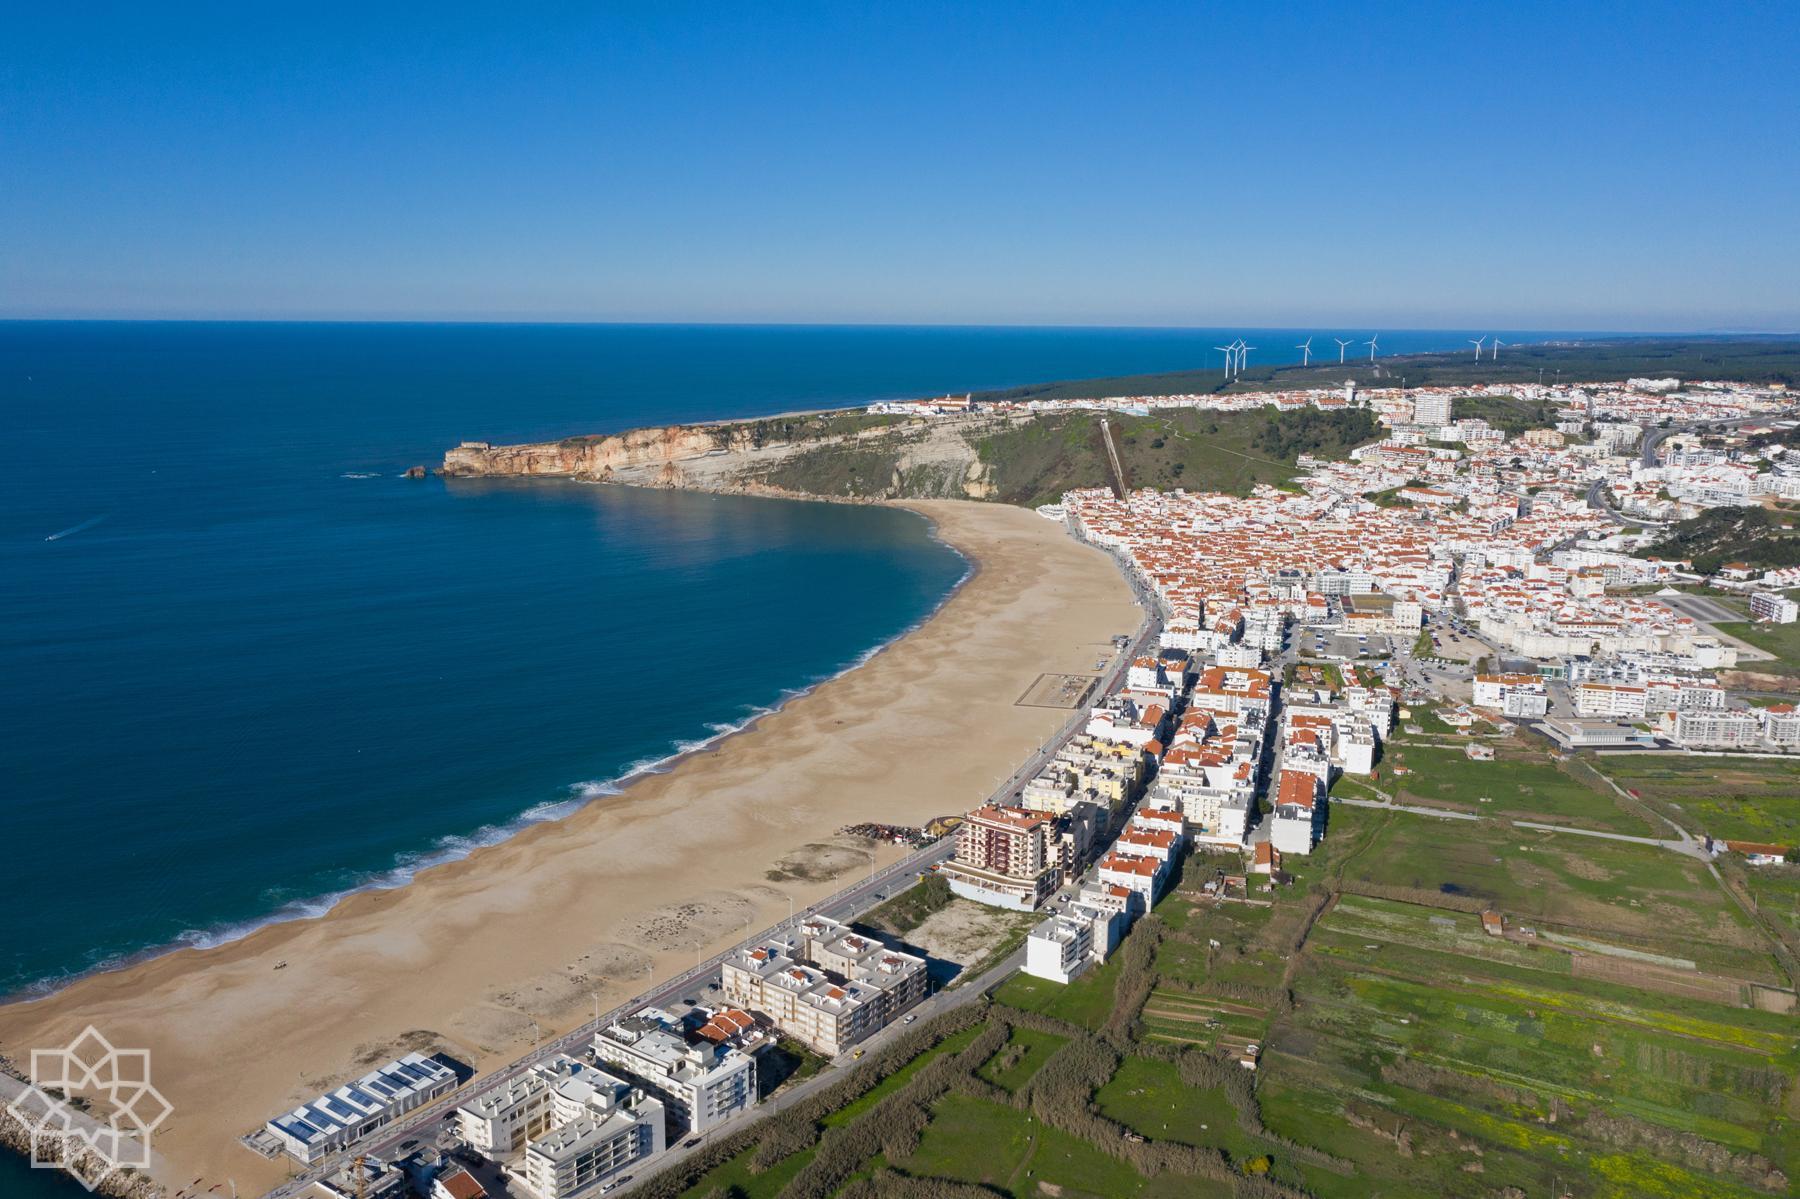 Visningsresa 2021 till Nazaré